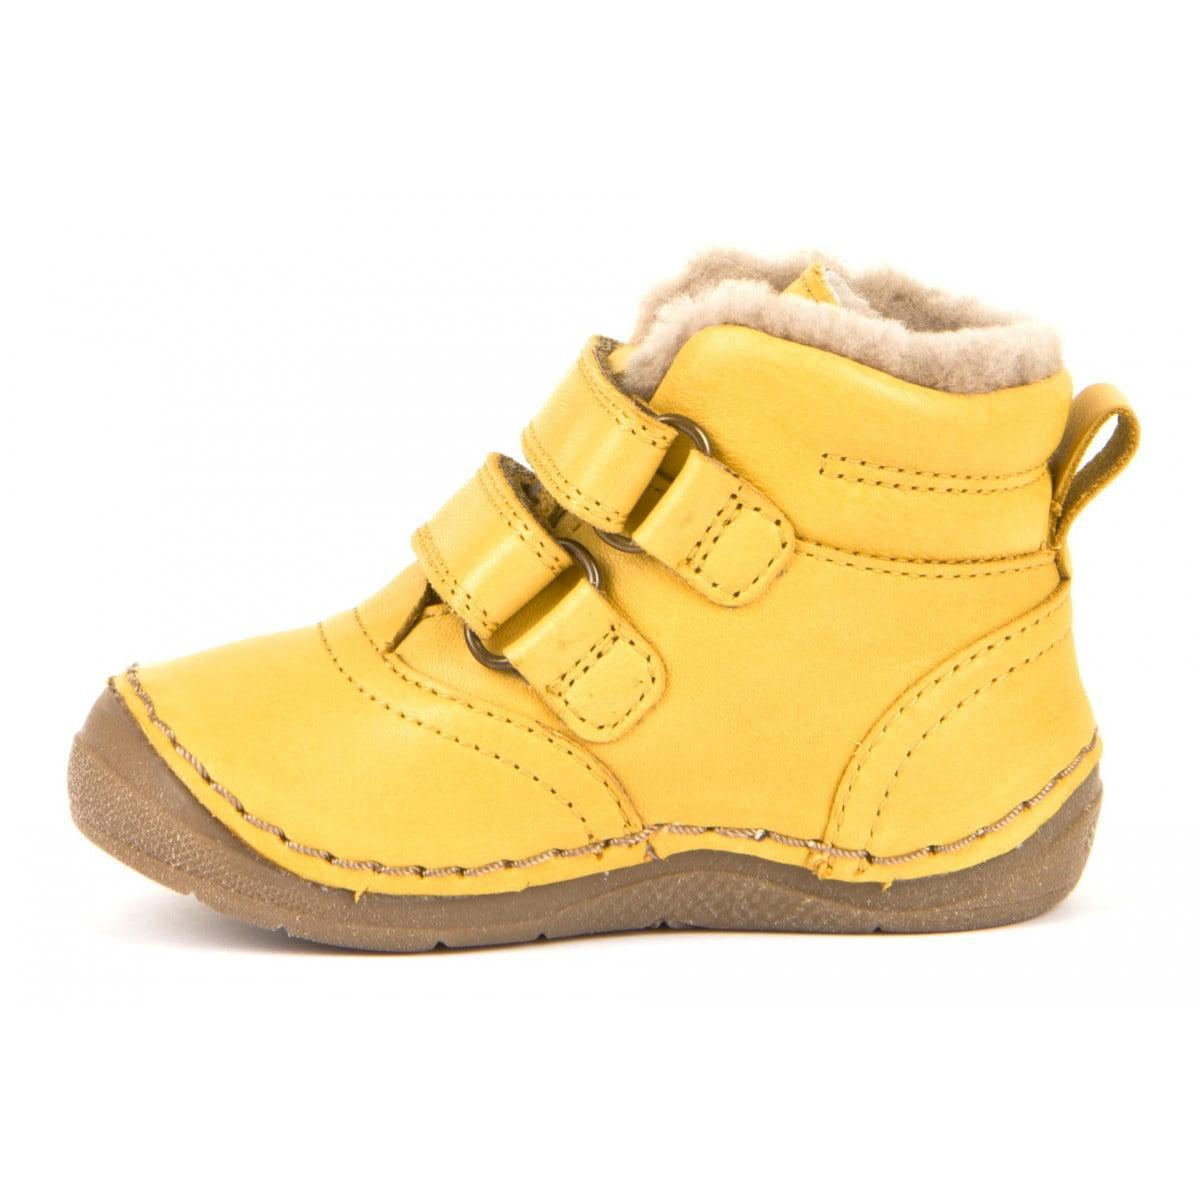 Ghete din piele cu velcro căptuşite cu blană de miel şi talpă flexibilă yellow Froddo 3